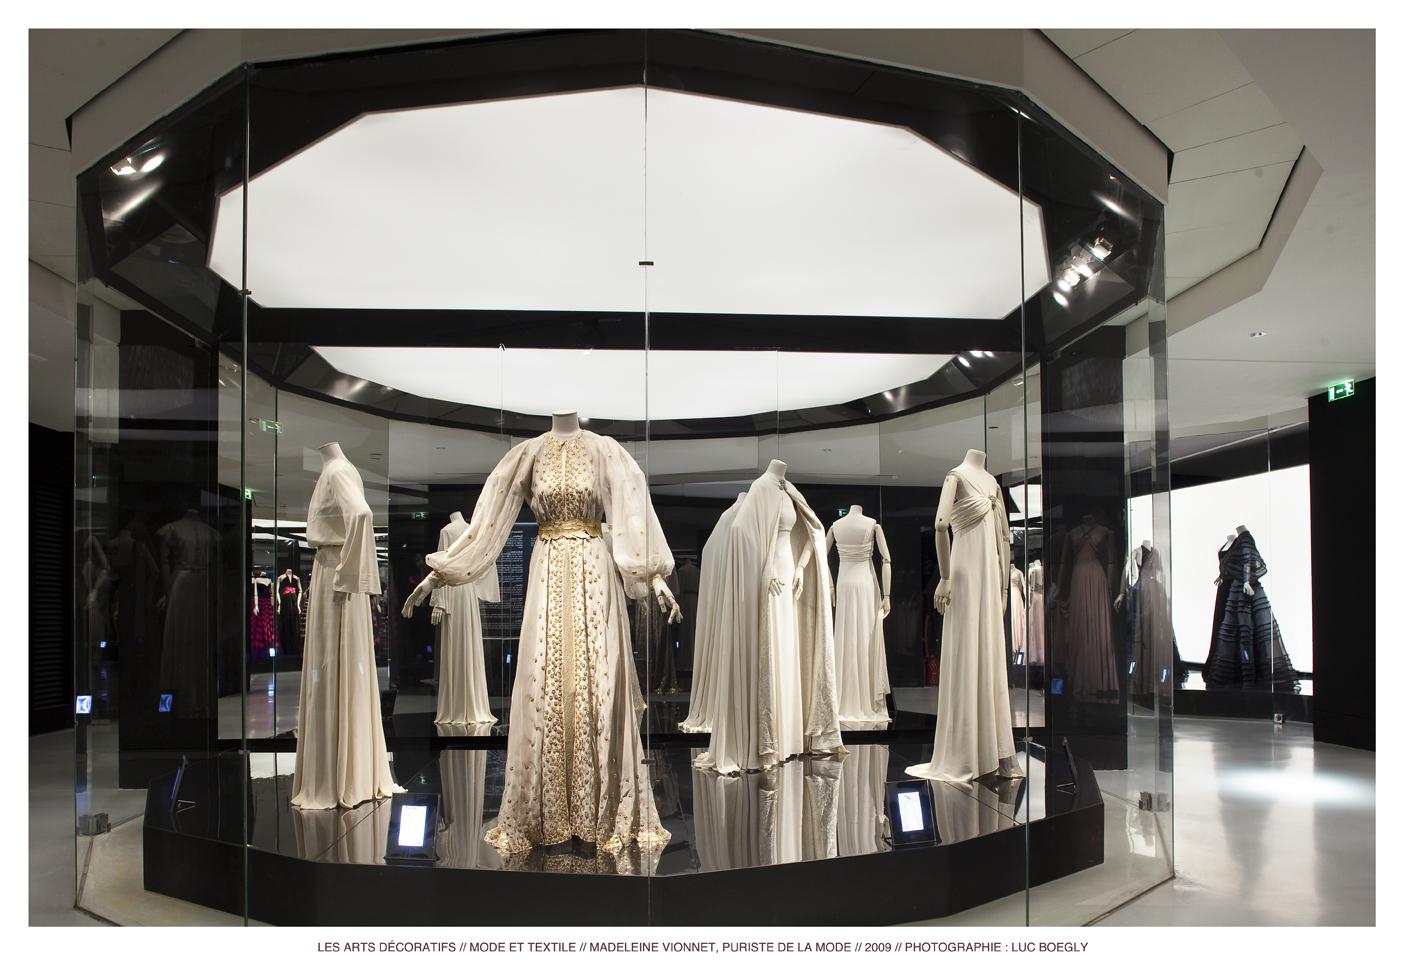 파리의 루브르 박물관에 마련된 장식 미술관. 루이 비통, 후세인 샬라얀, 비오네, 발렌시아가 등의 초특급 전시가 기획되었다.파리 장식 미술 박물관 제공©Luc Boegly